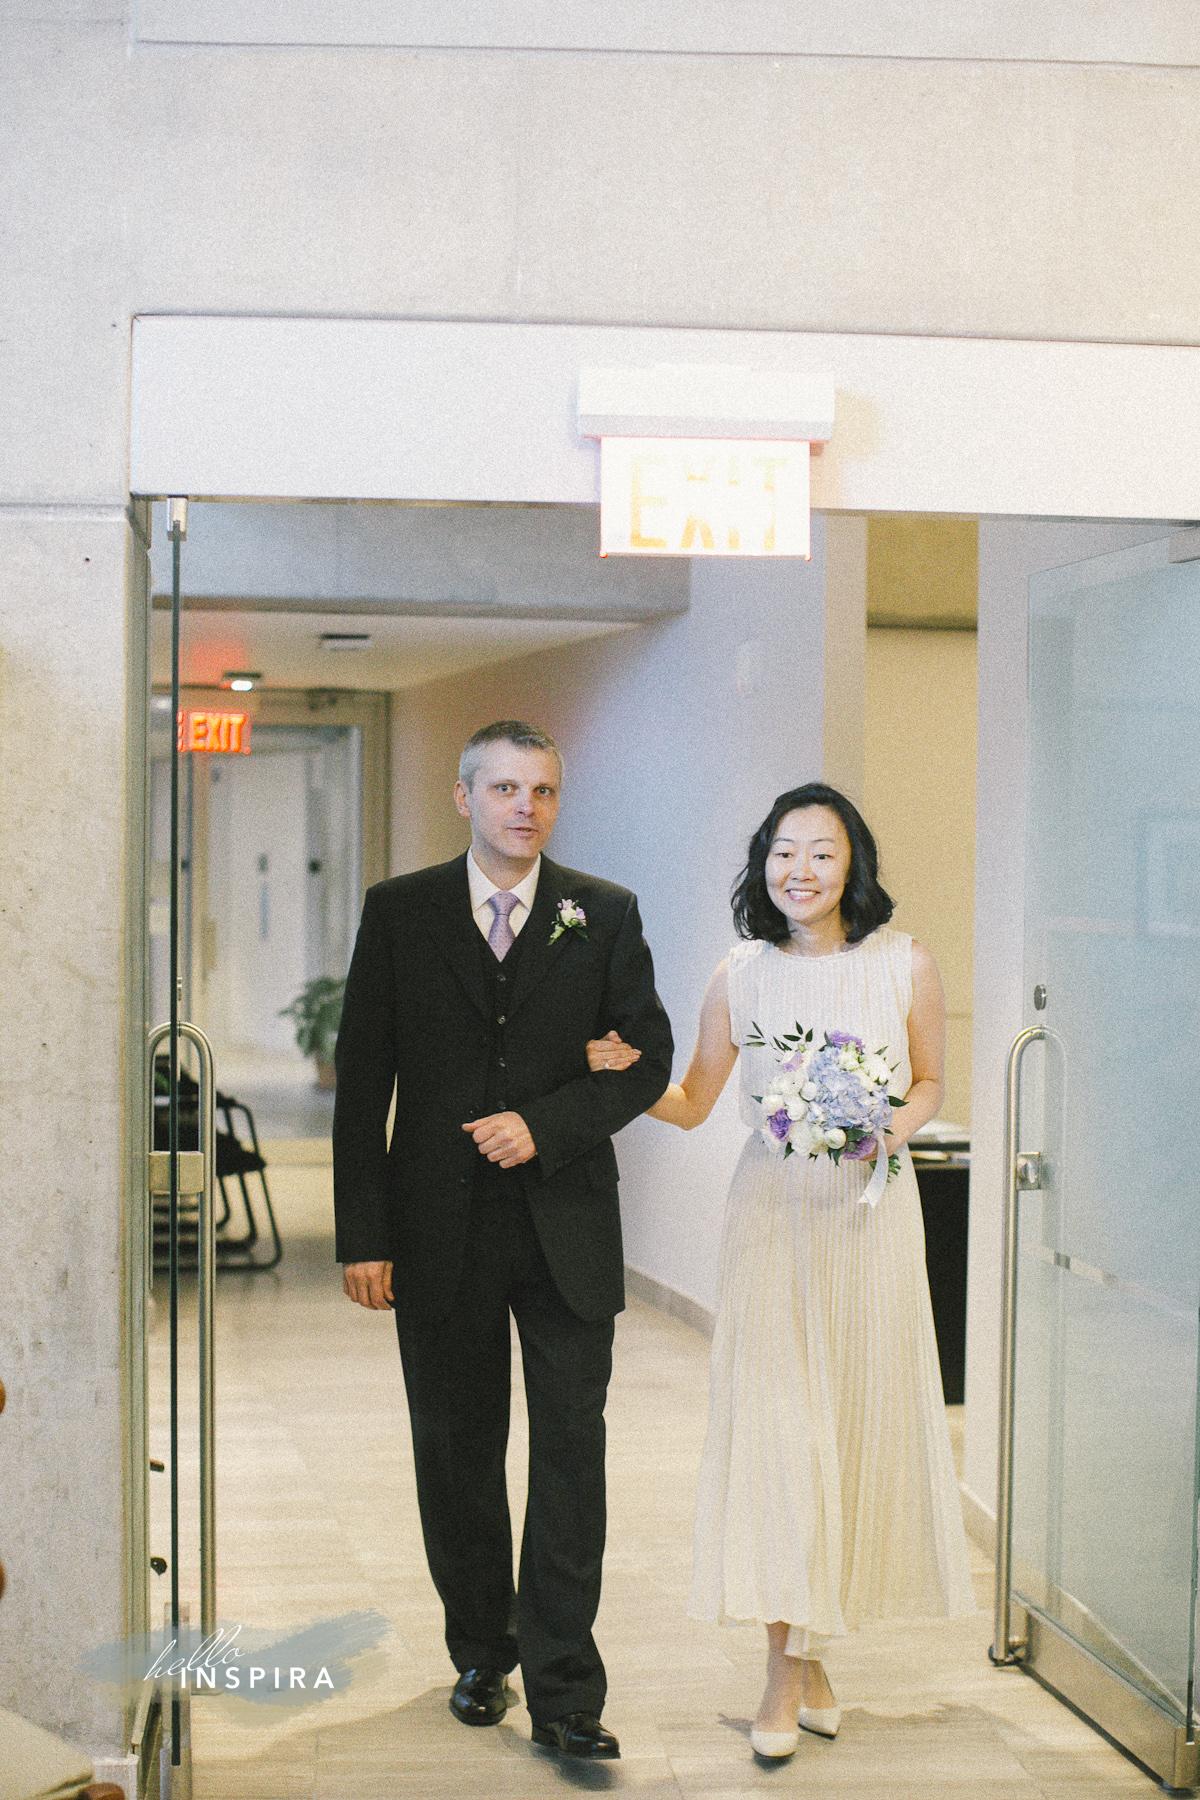 Toronto City Hall Wedding Chamber